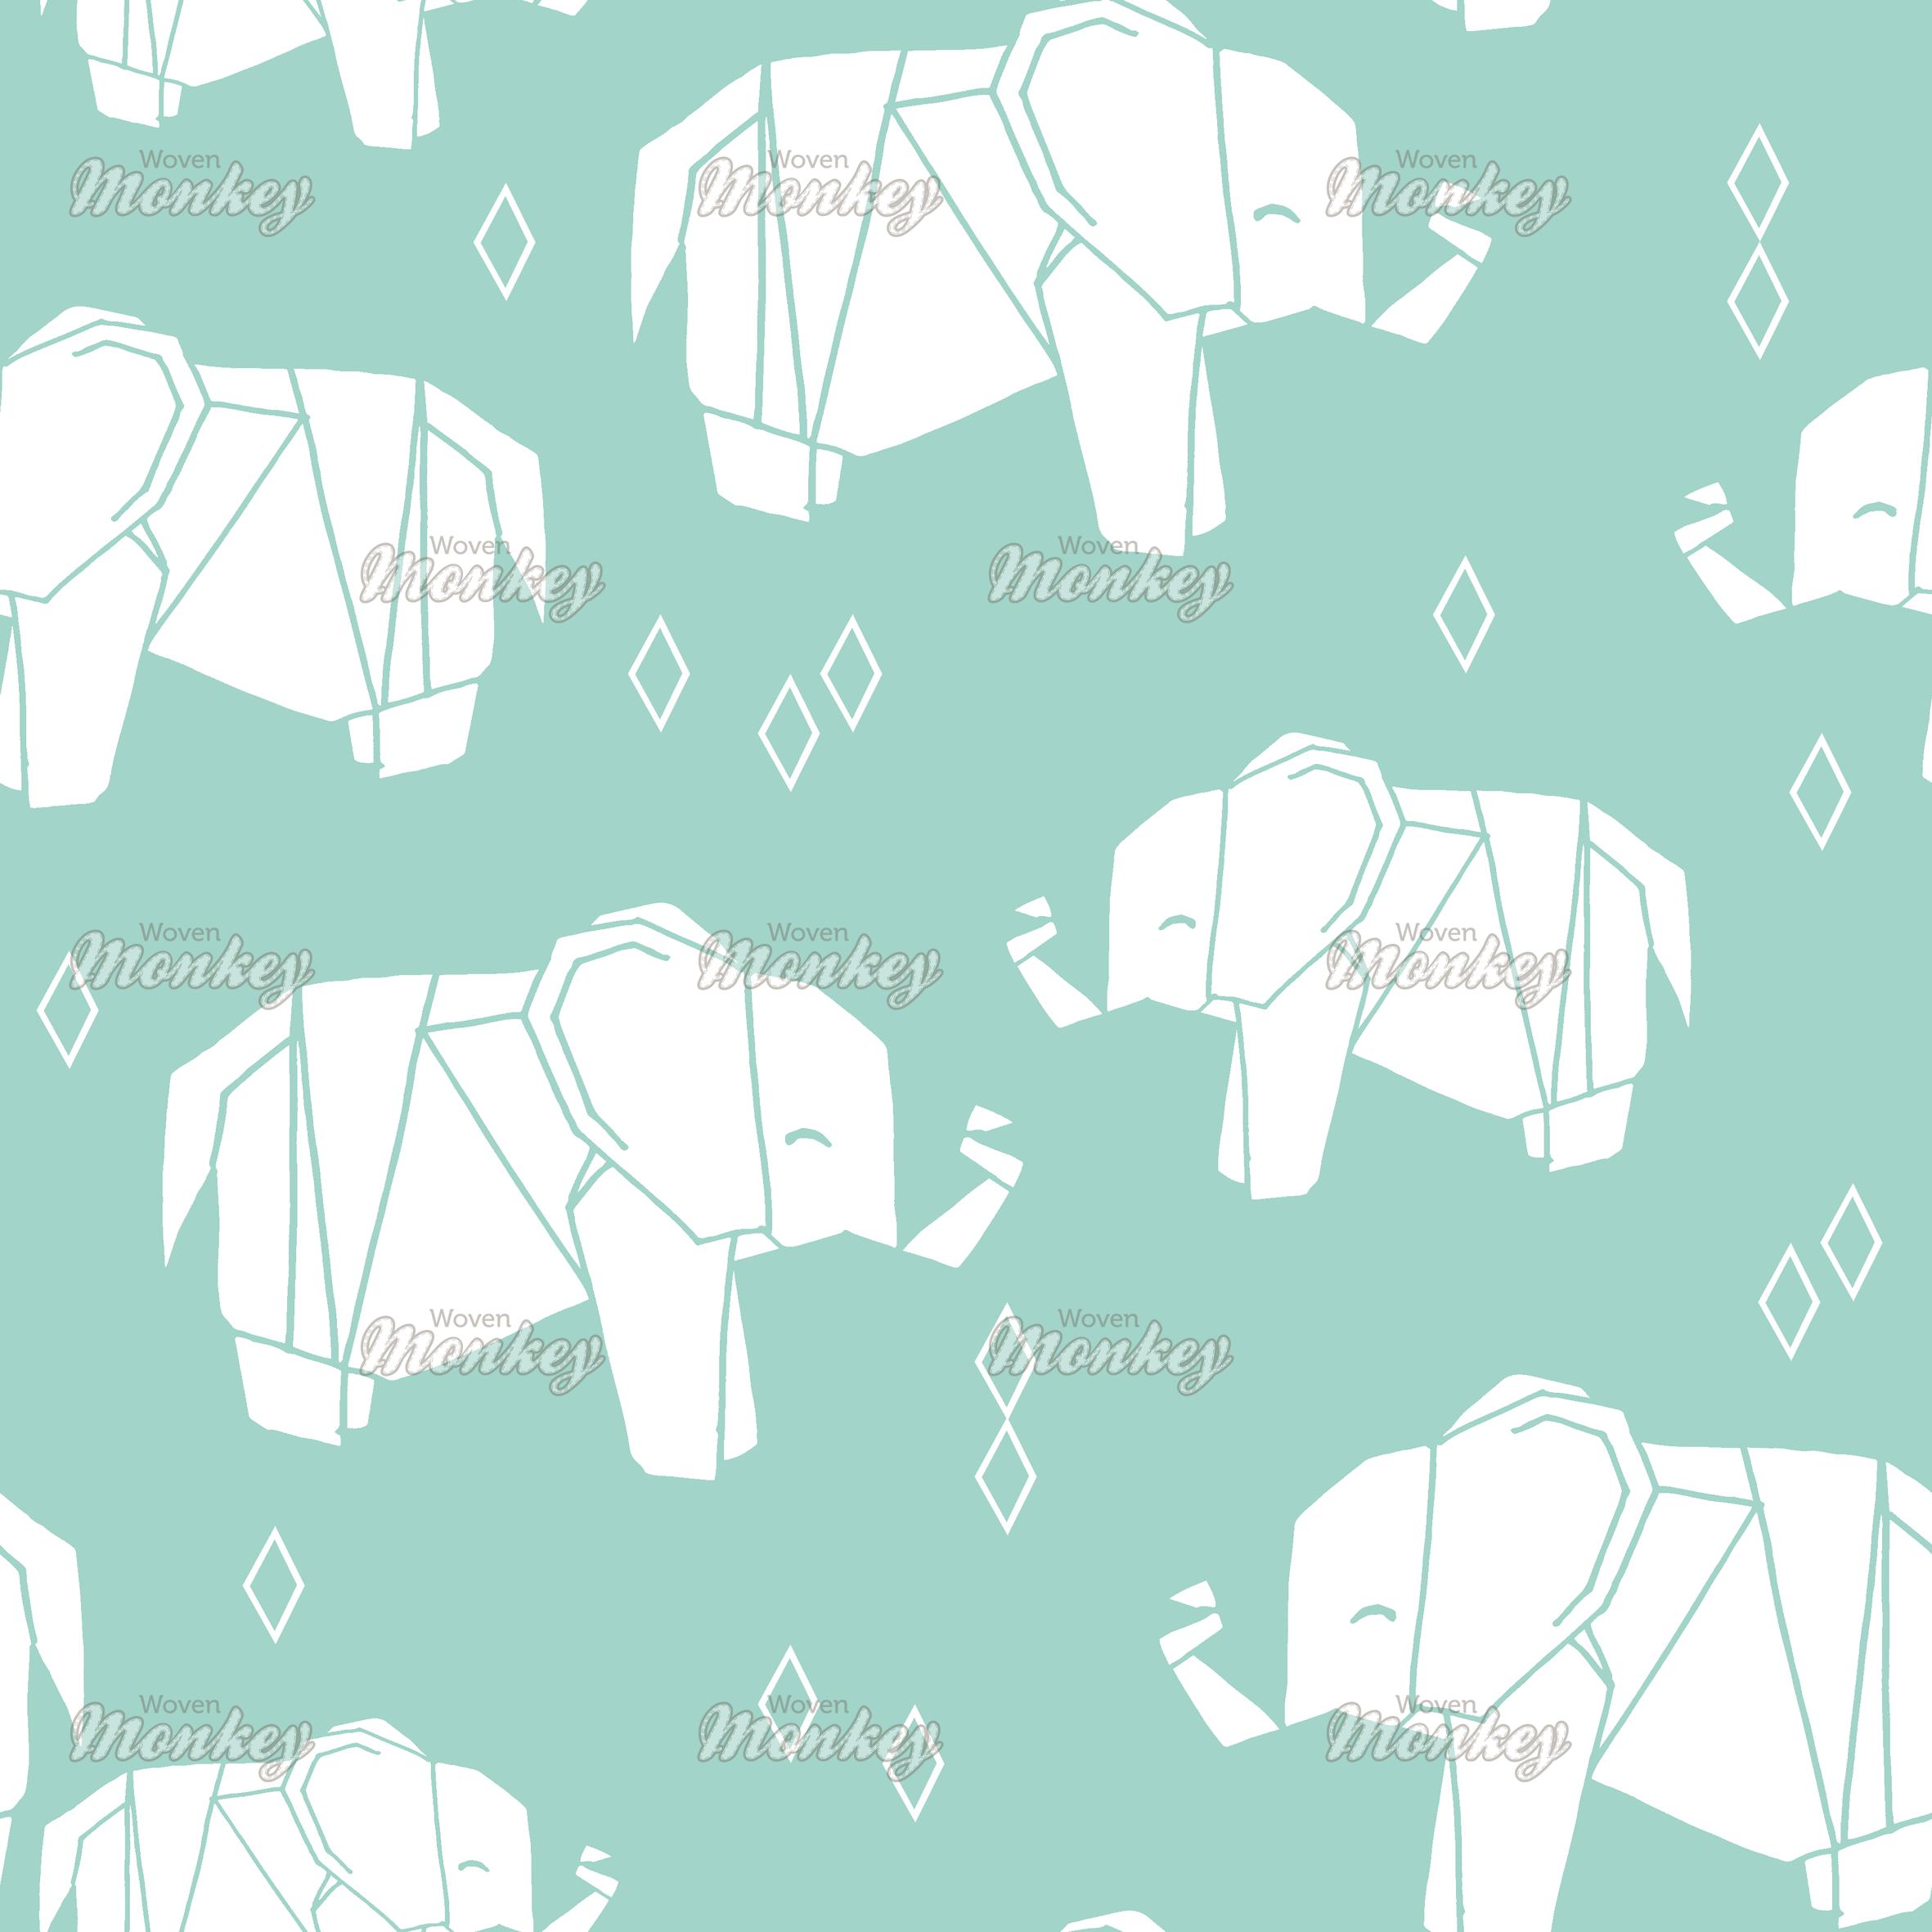 Origami elephant mint background with diamonds by andrea lauren origami elephant mint background with diamonds by andrea lauren fabric woven monkey jeuxipadfo Choice Image